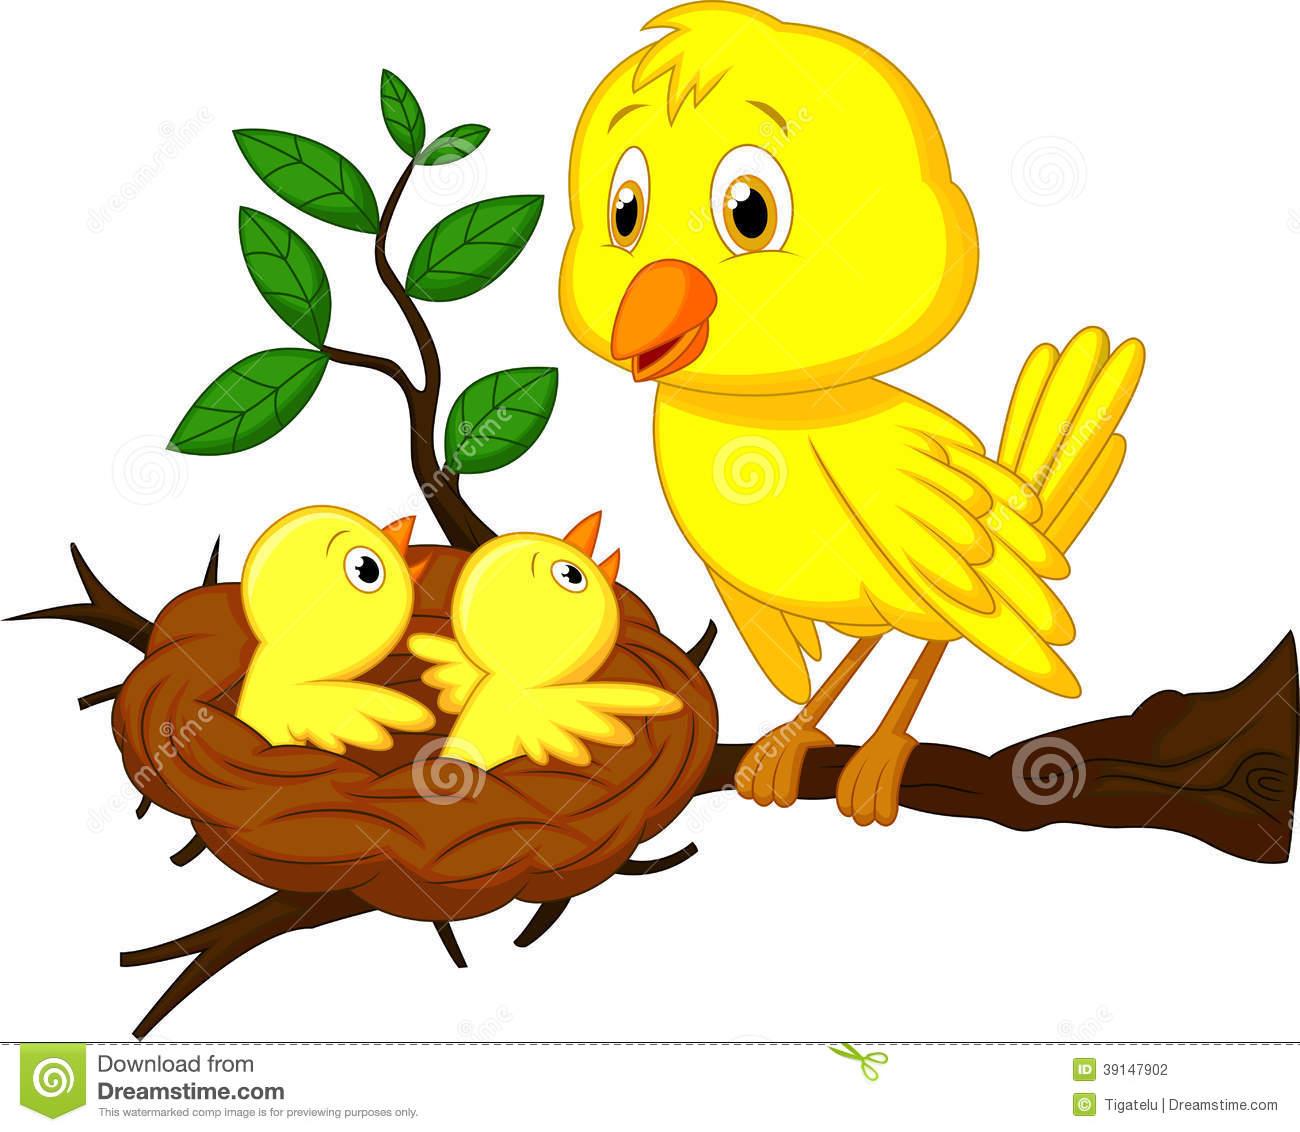 Birds nest clipart